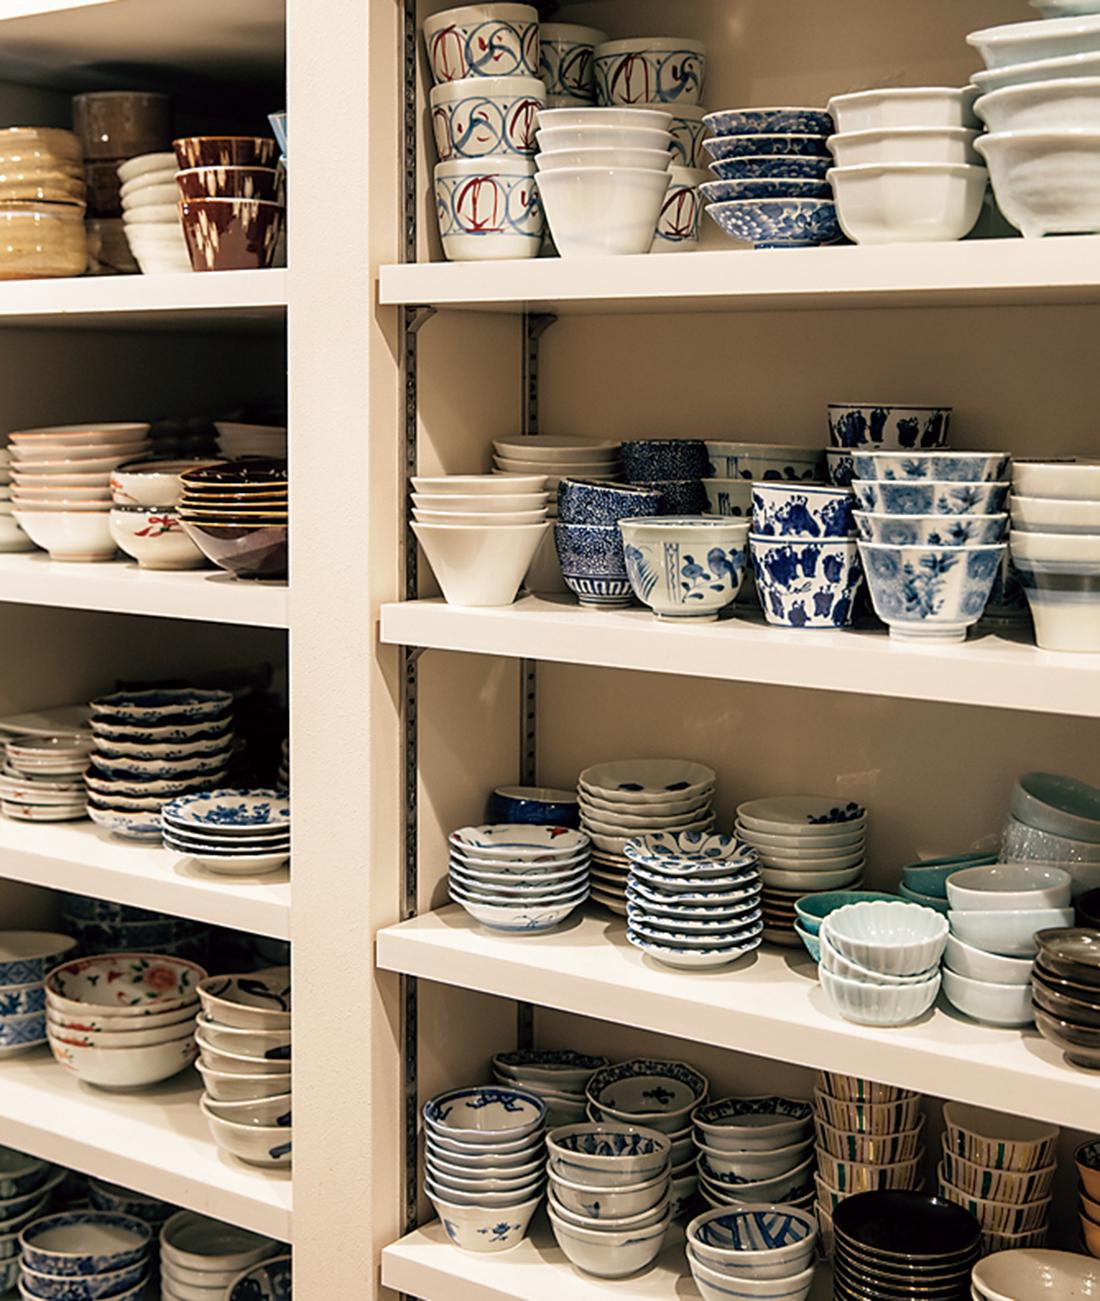 食器棚には小鉢や小皿がびっしり